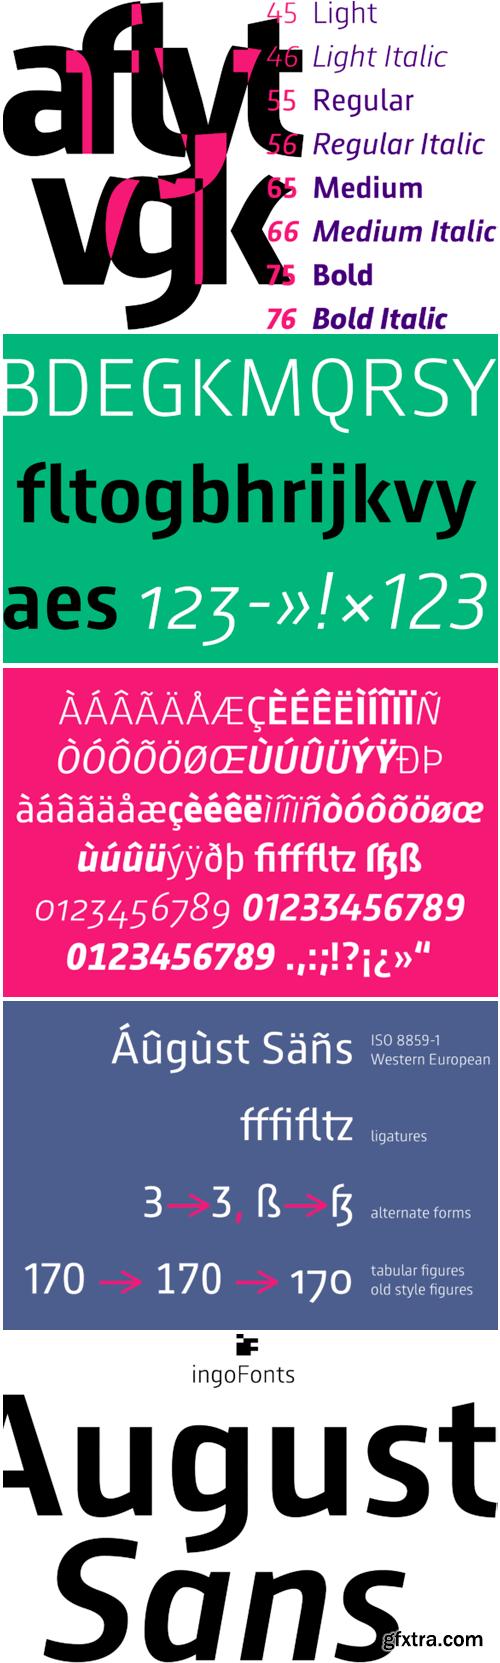 August Sans Font Family